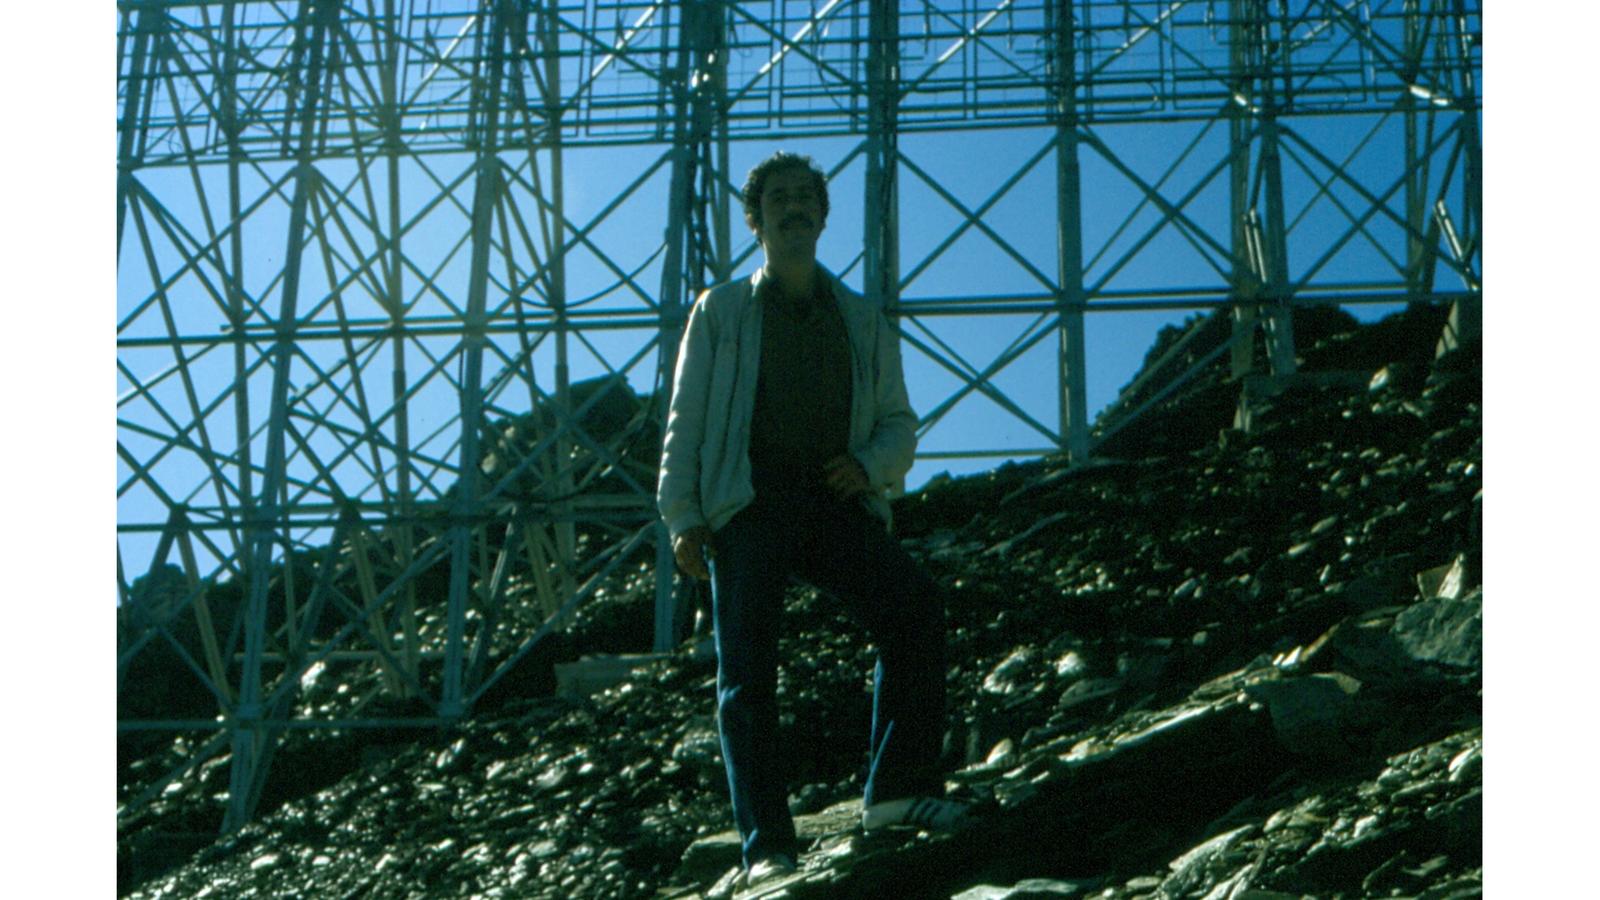 Roger Schawinski auf dem Pizzo Groppera, im Hintergrund die UKW-Antenne, ca. Herbst 1981 (© zVg)